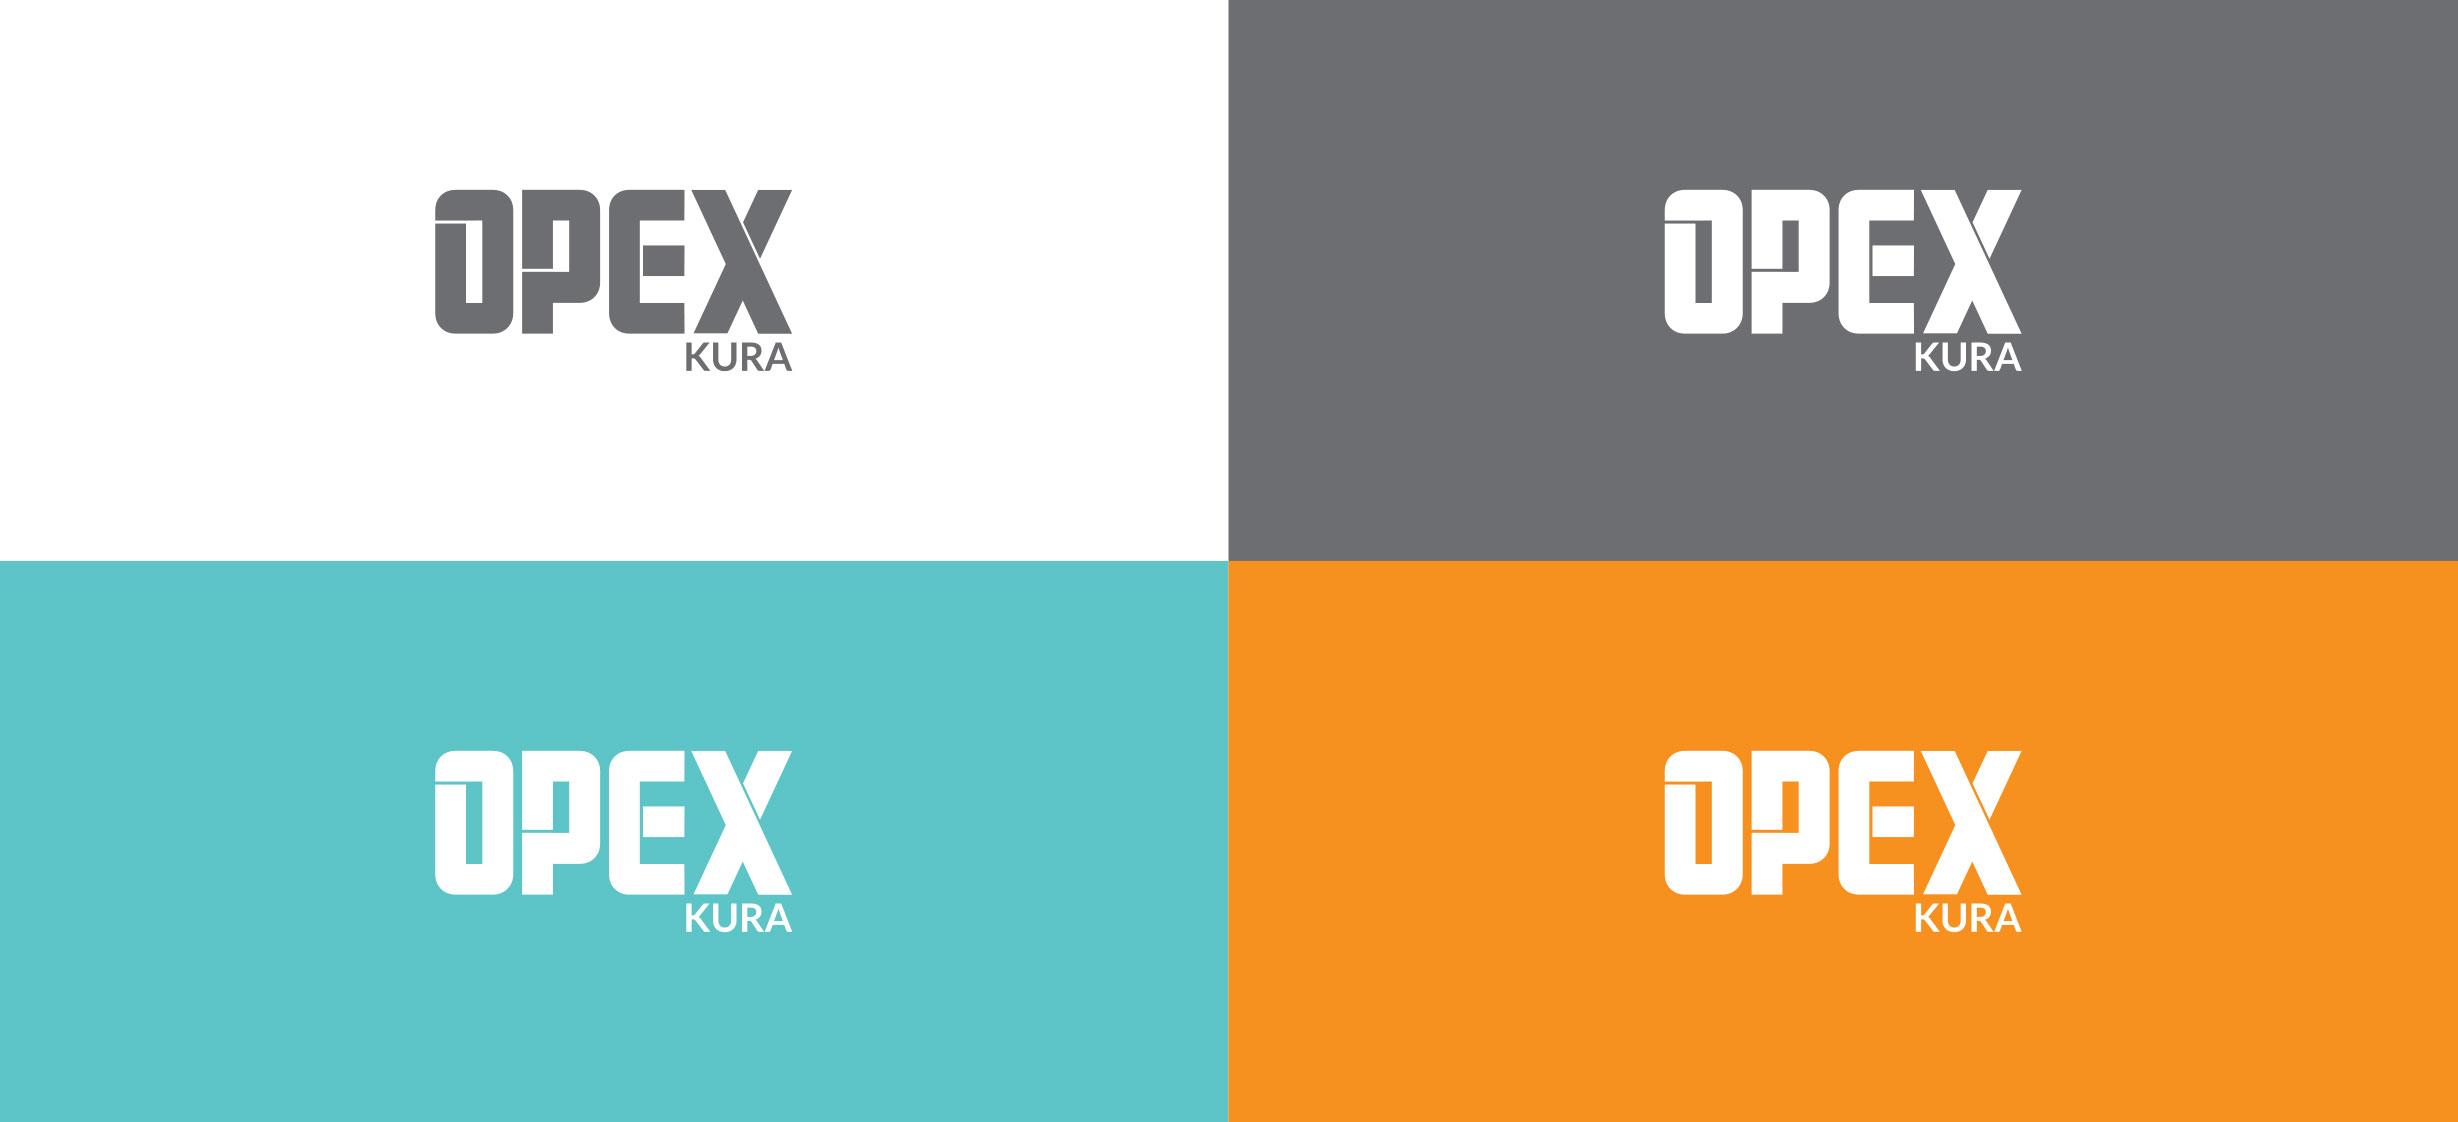 MC_OPEX_KURA_Branding_03